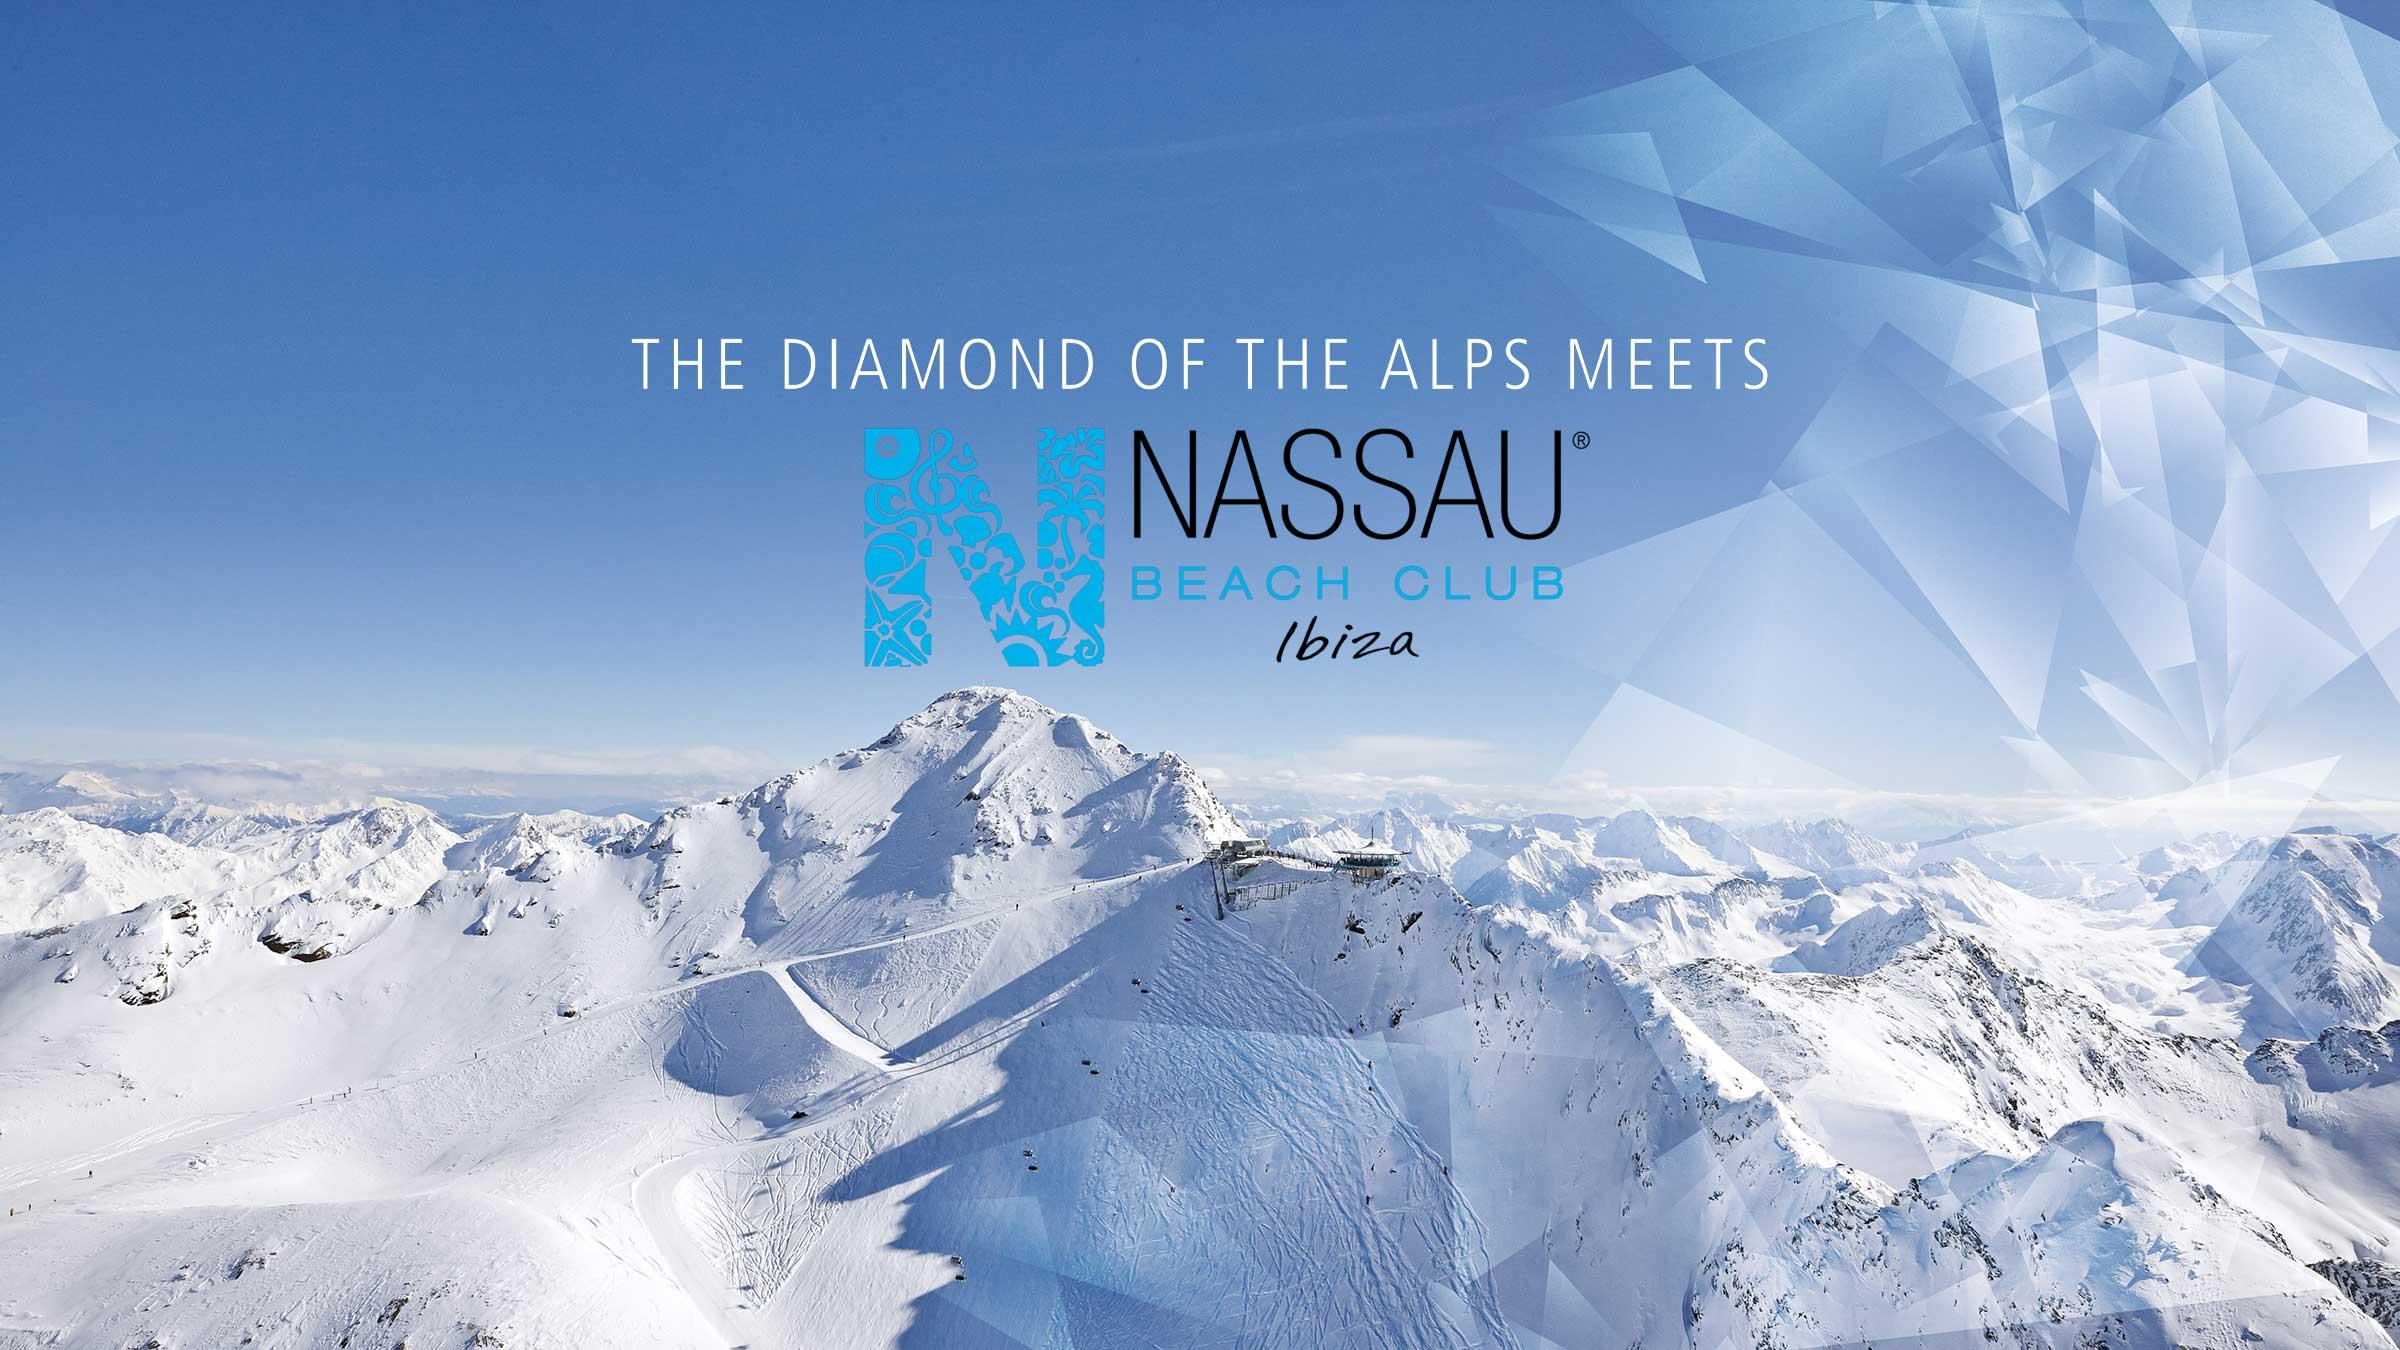 Der Diamant der Alpen feiert mit dem Nassau Beach Club Ibiza